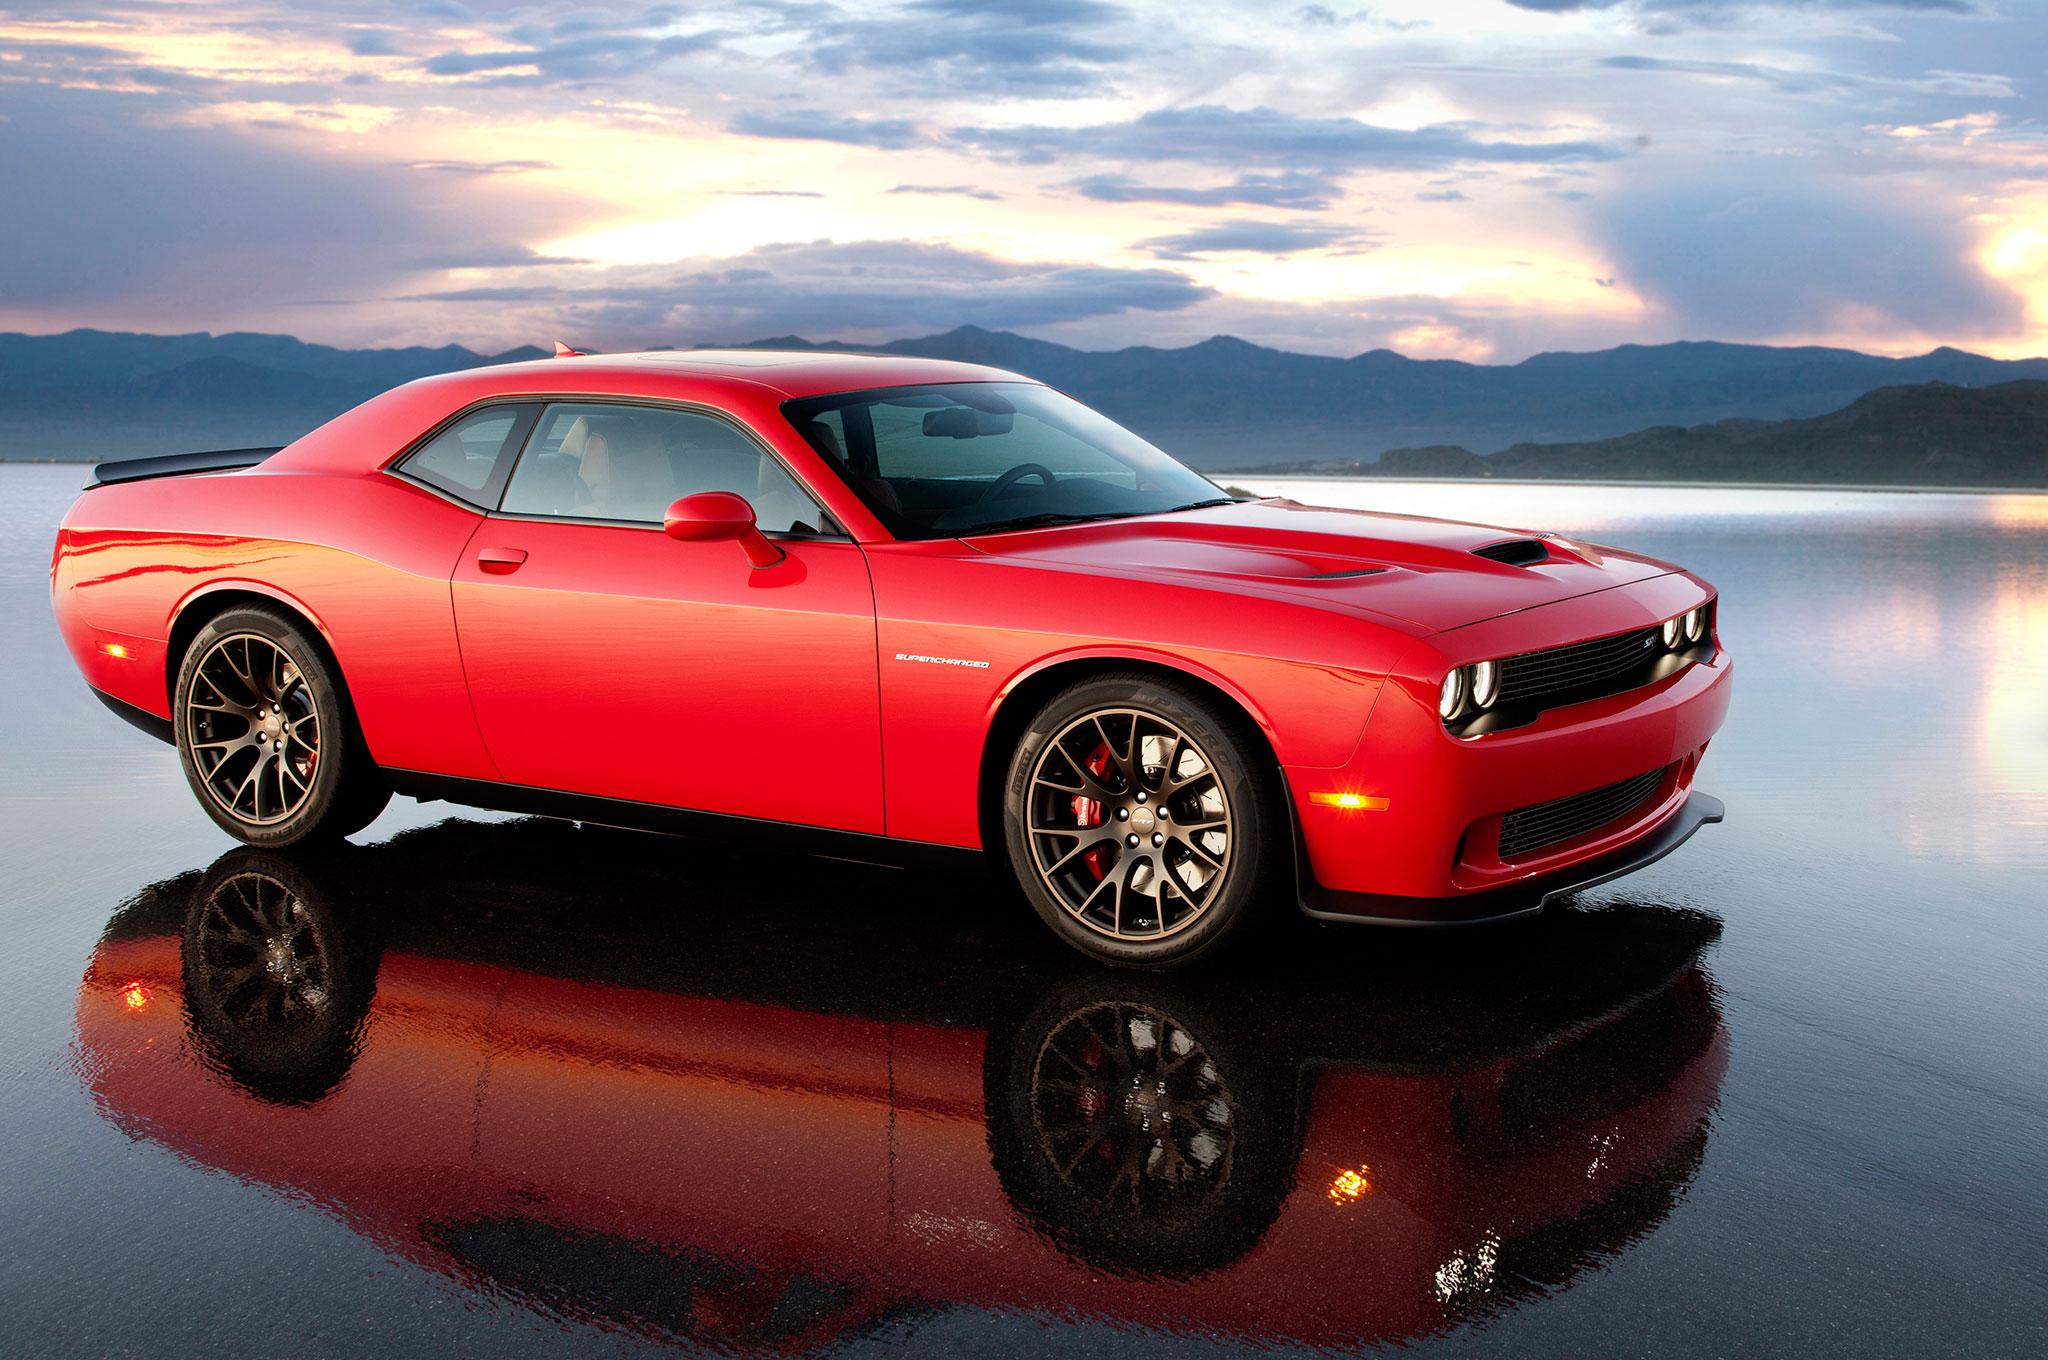 2015 Dodge Challenger Srt Hellcat Costs 60 990